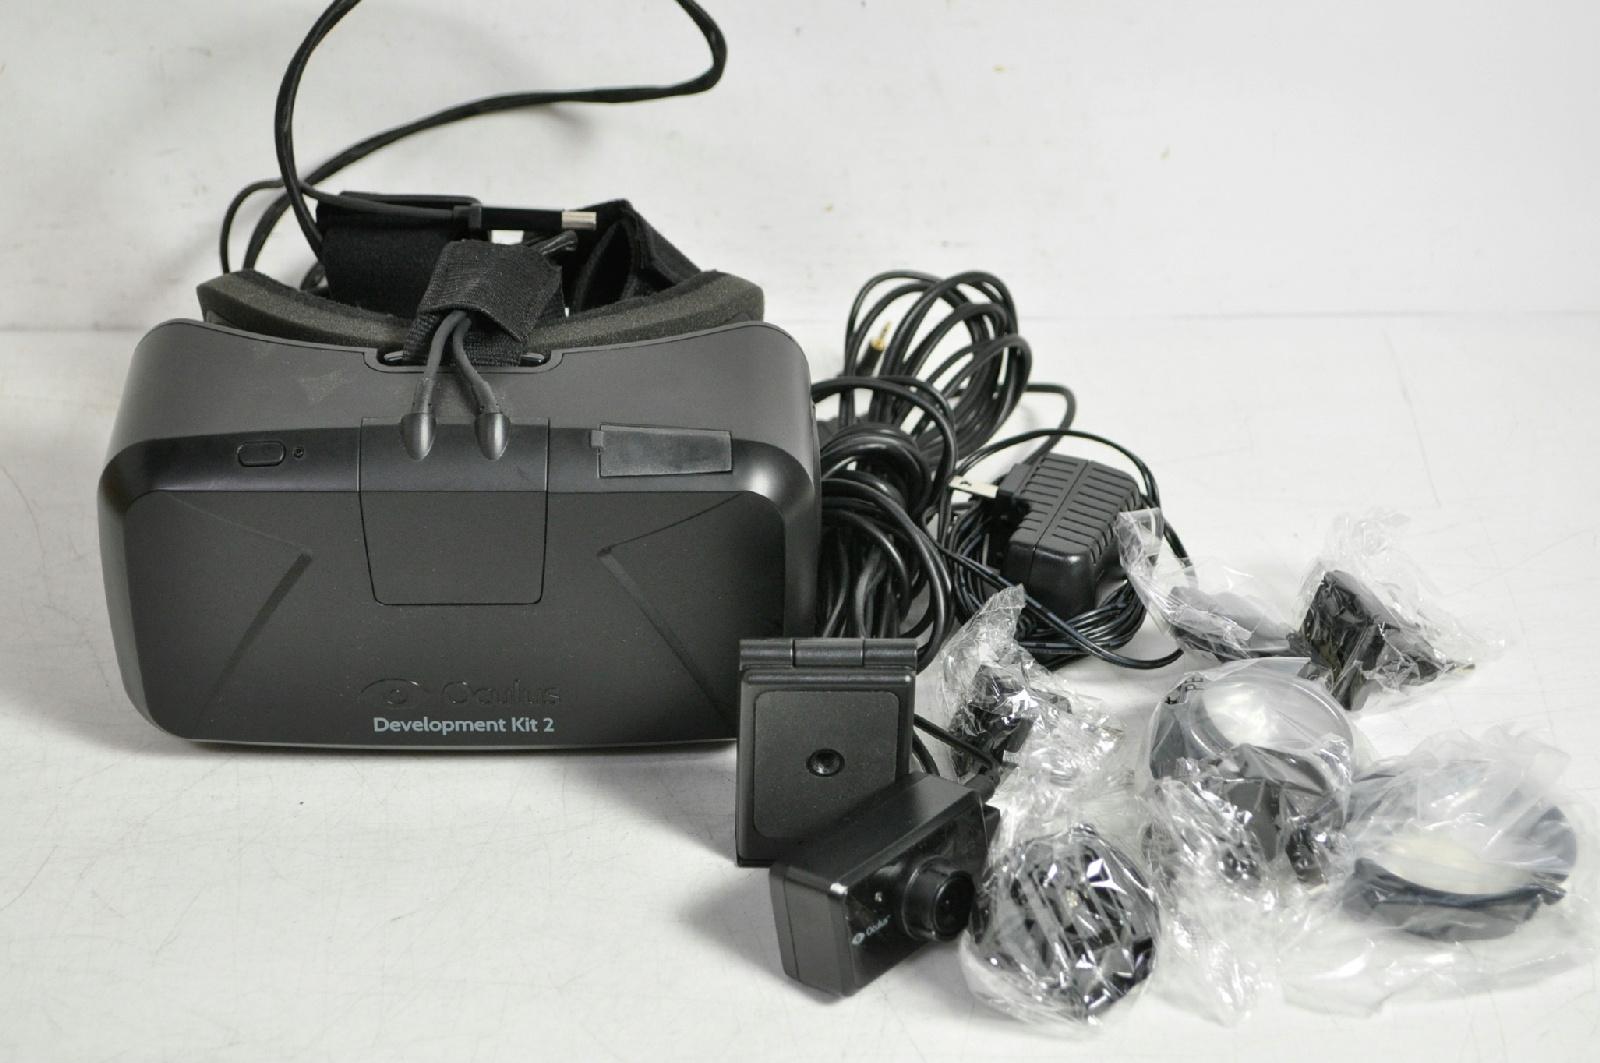 Oculus DK2 Development Kit 2 VR Headset